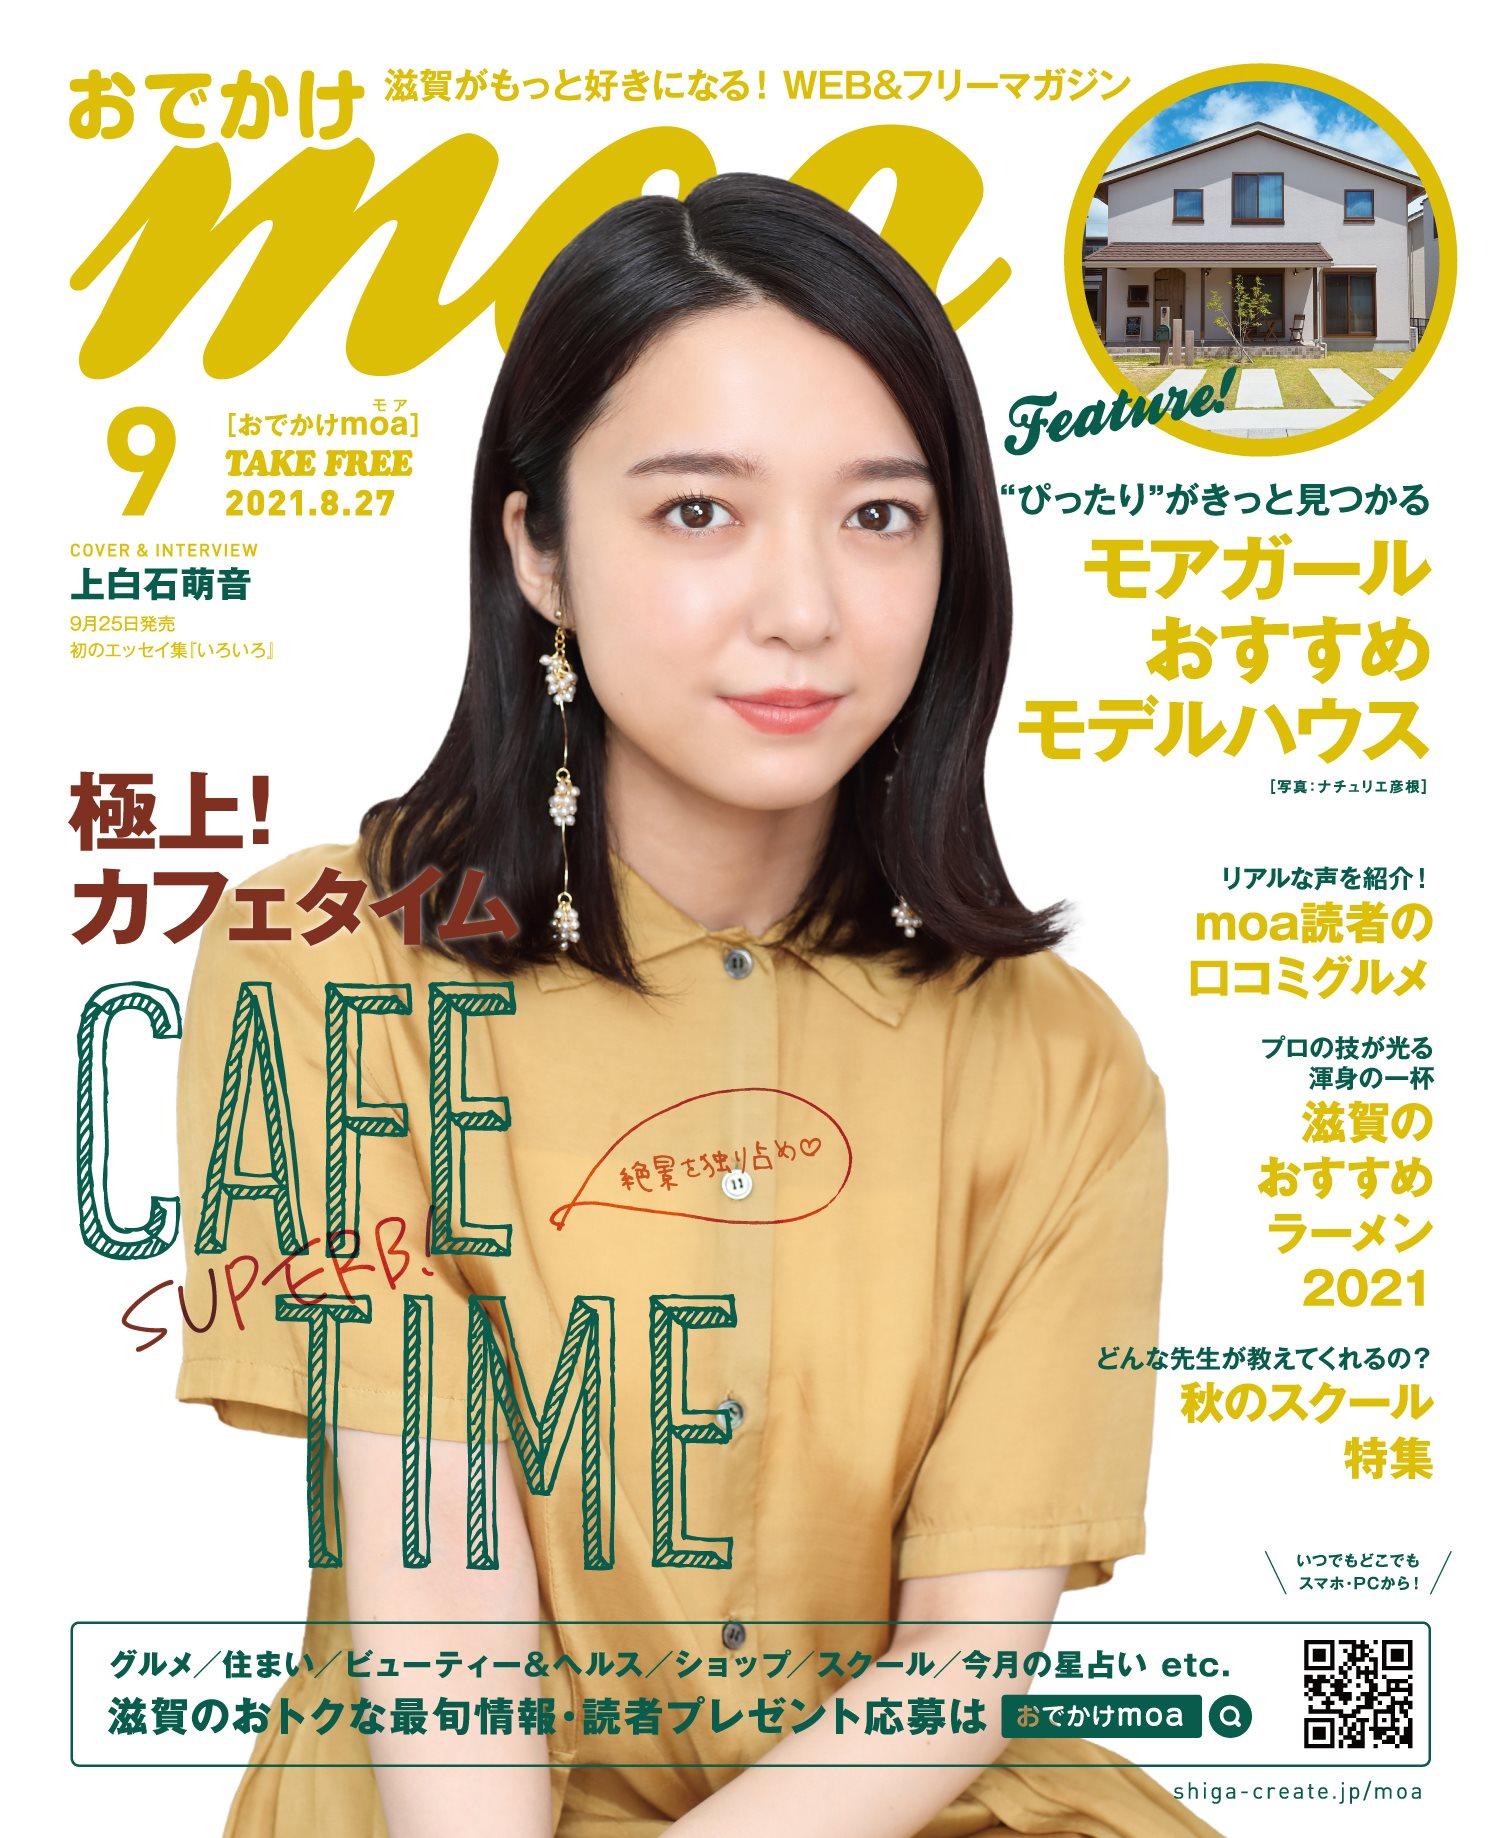 おでかけmoa 9月号を発行しました!